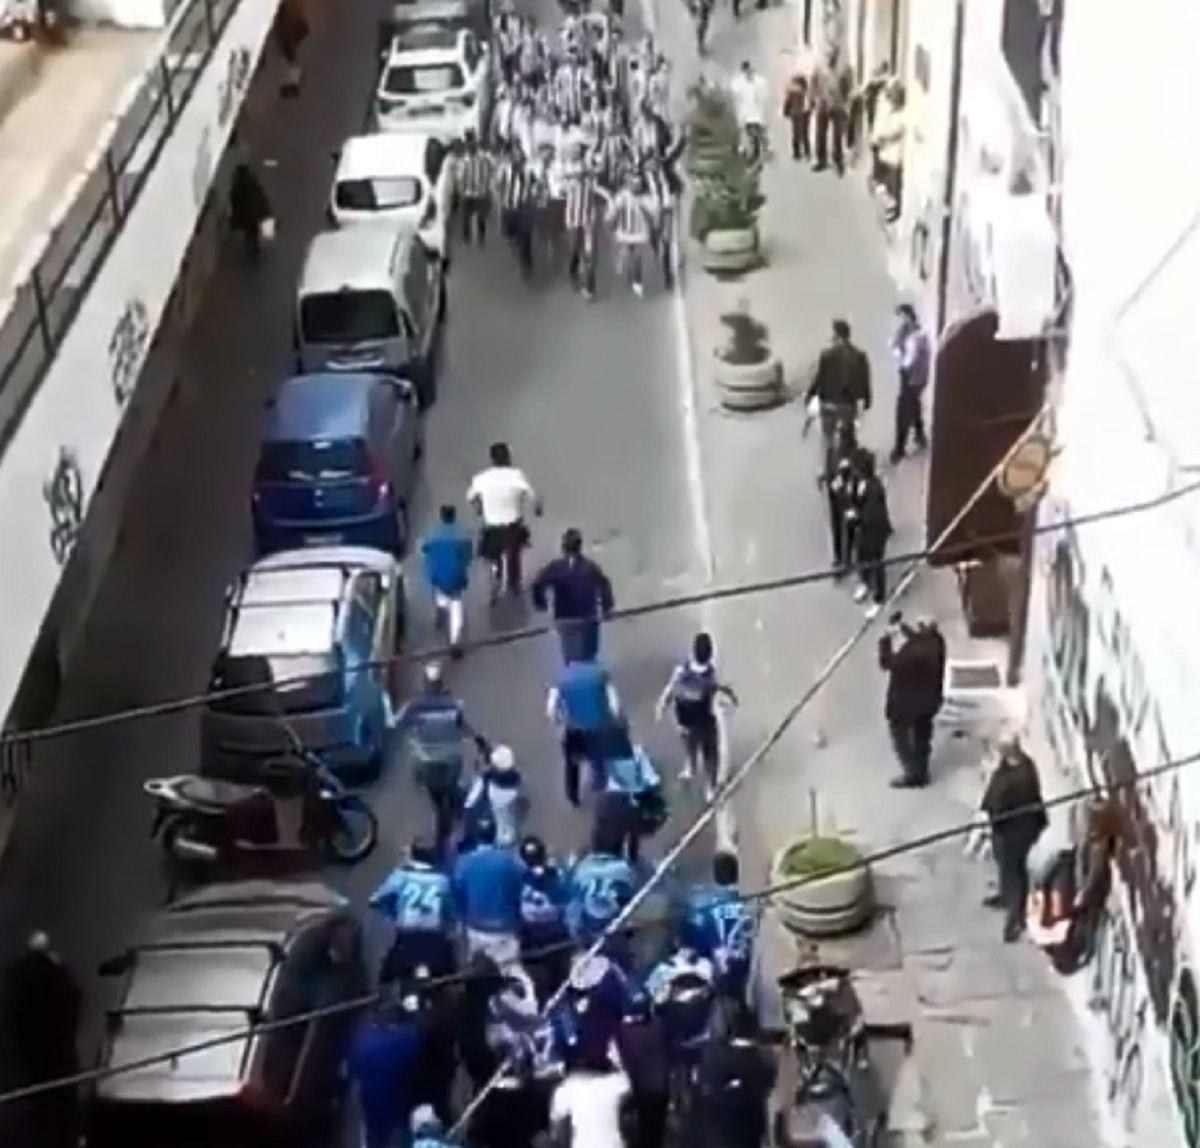 Las hinchadas de la Juventus y el Nápoli se cruzaron en un callejón...¡y pasó esto!